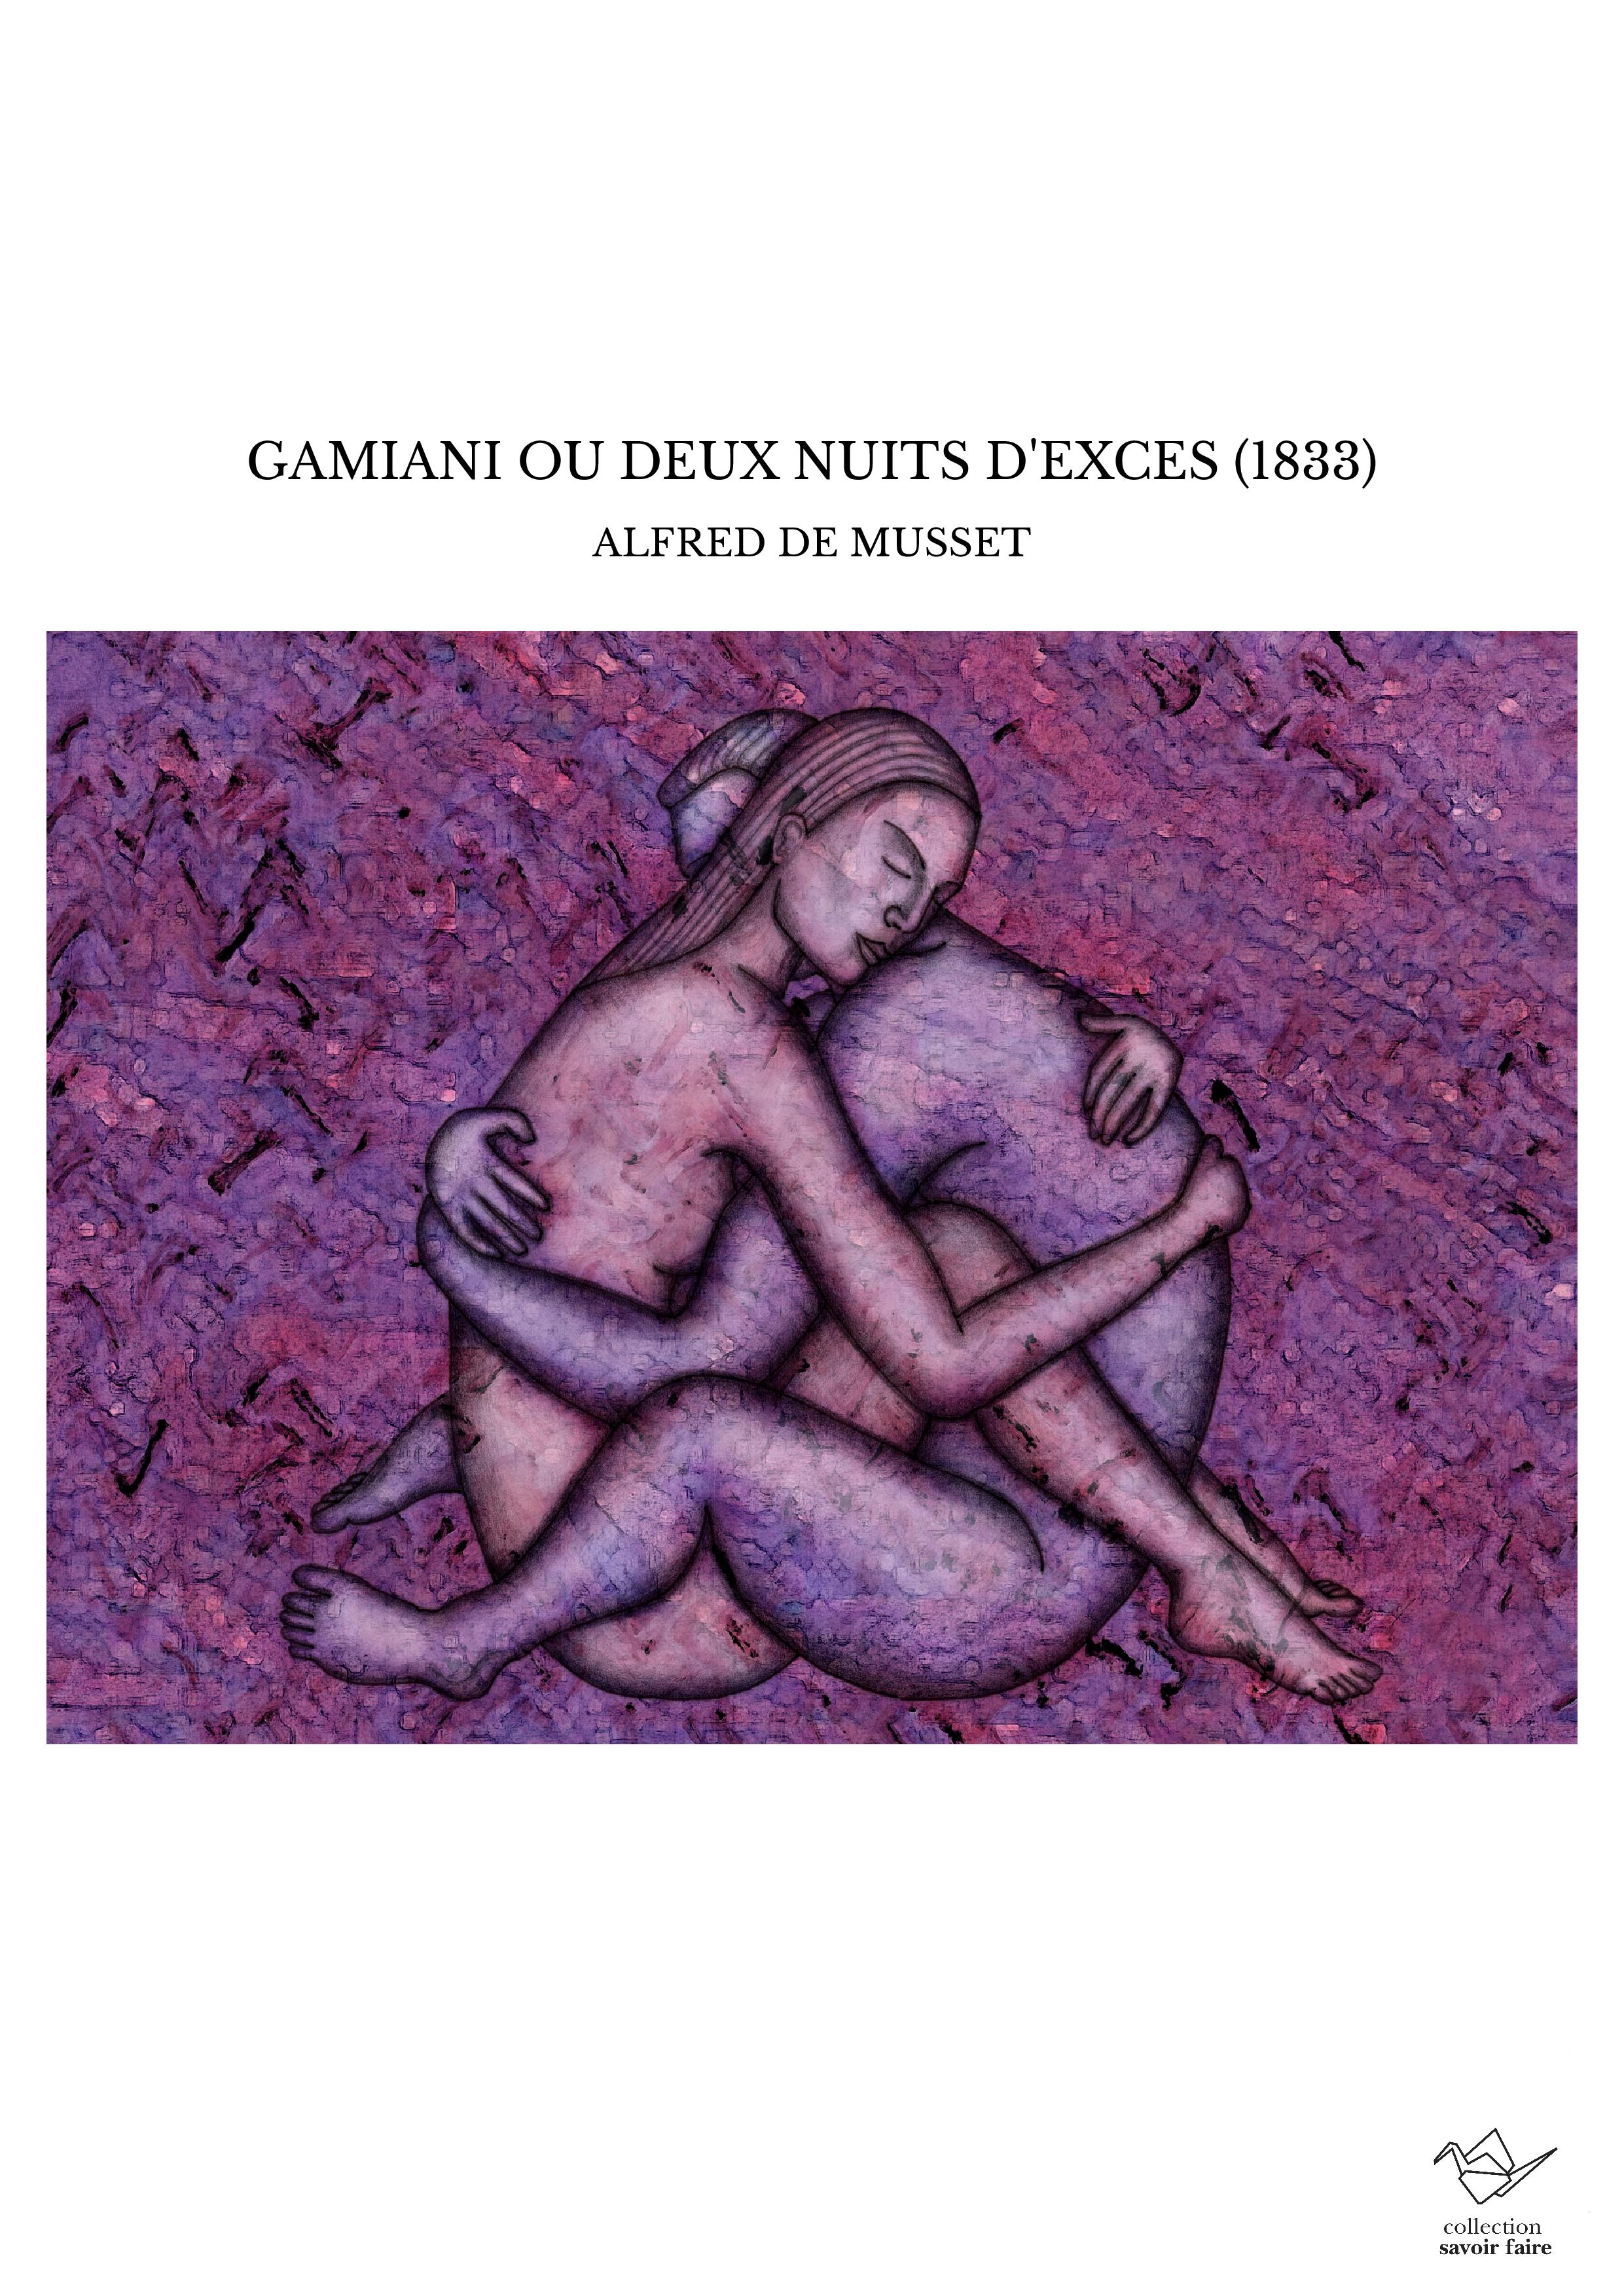 GAMIANI OU DEUX NUITS D'EXCES (1833)